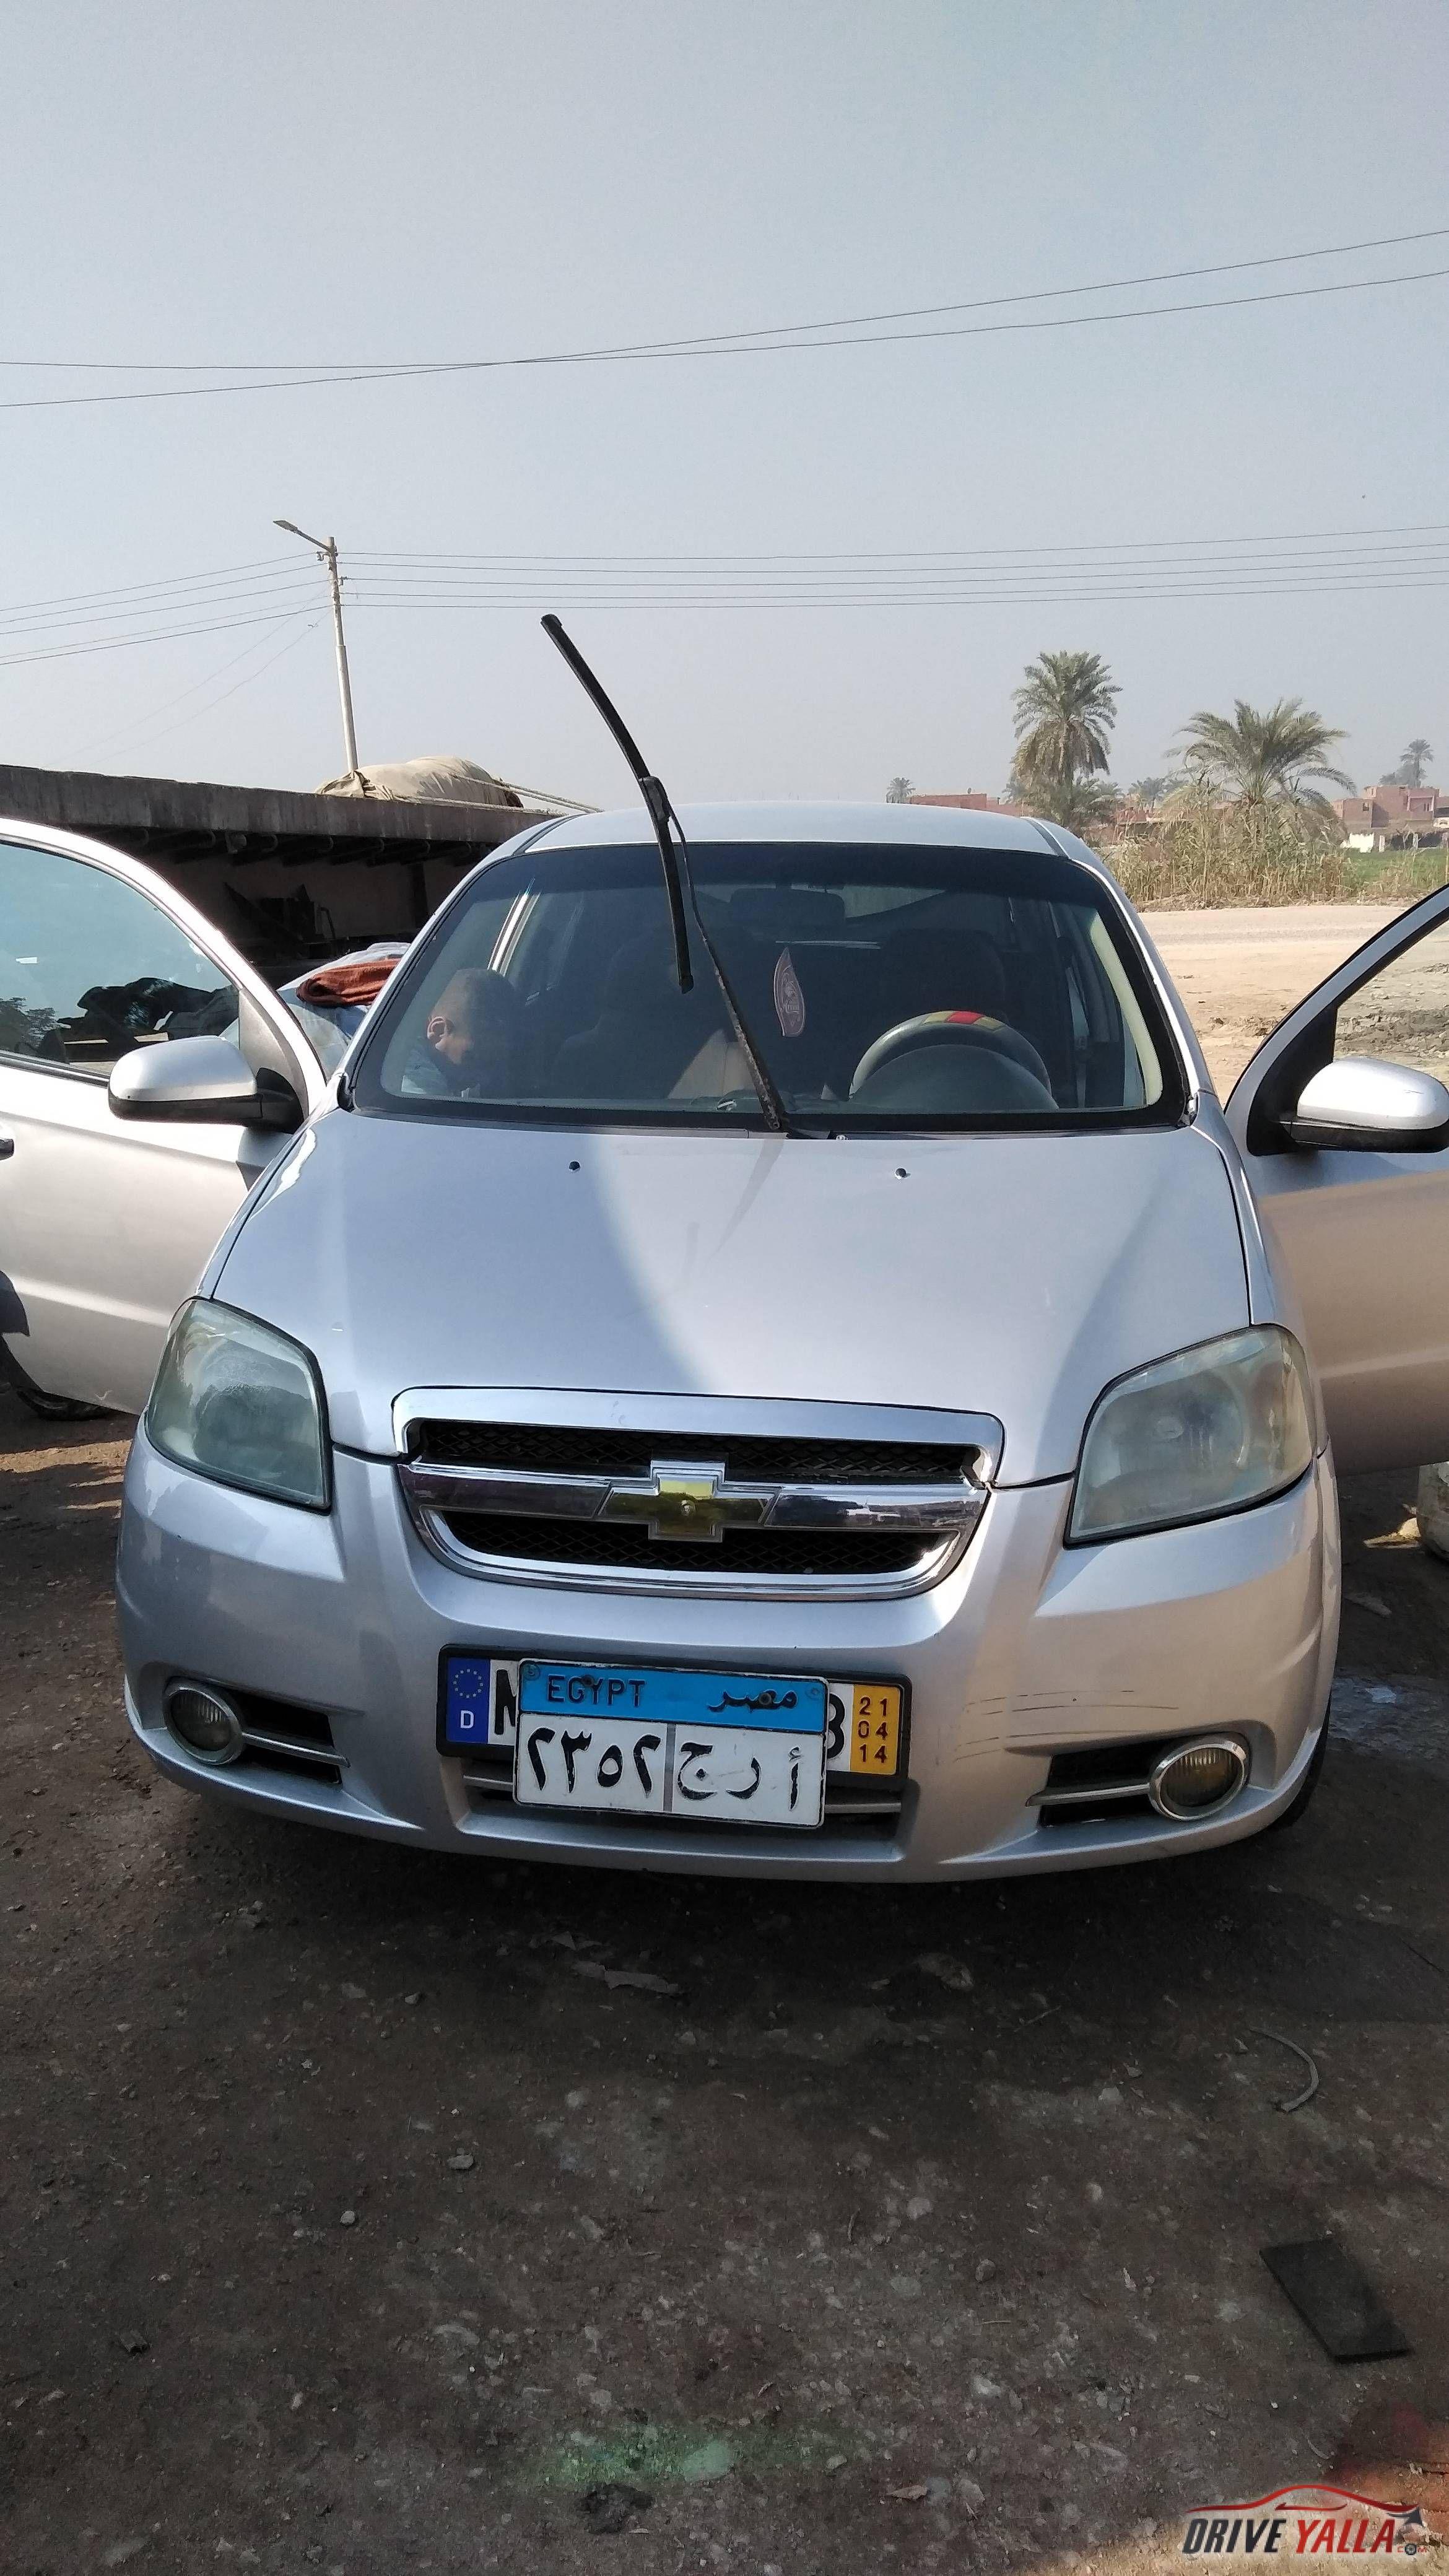 شيفورلية افيو Car Bmw Bmw Car